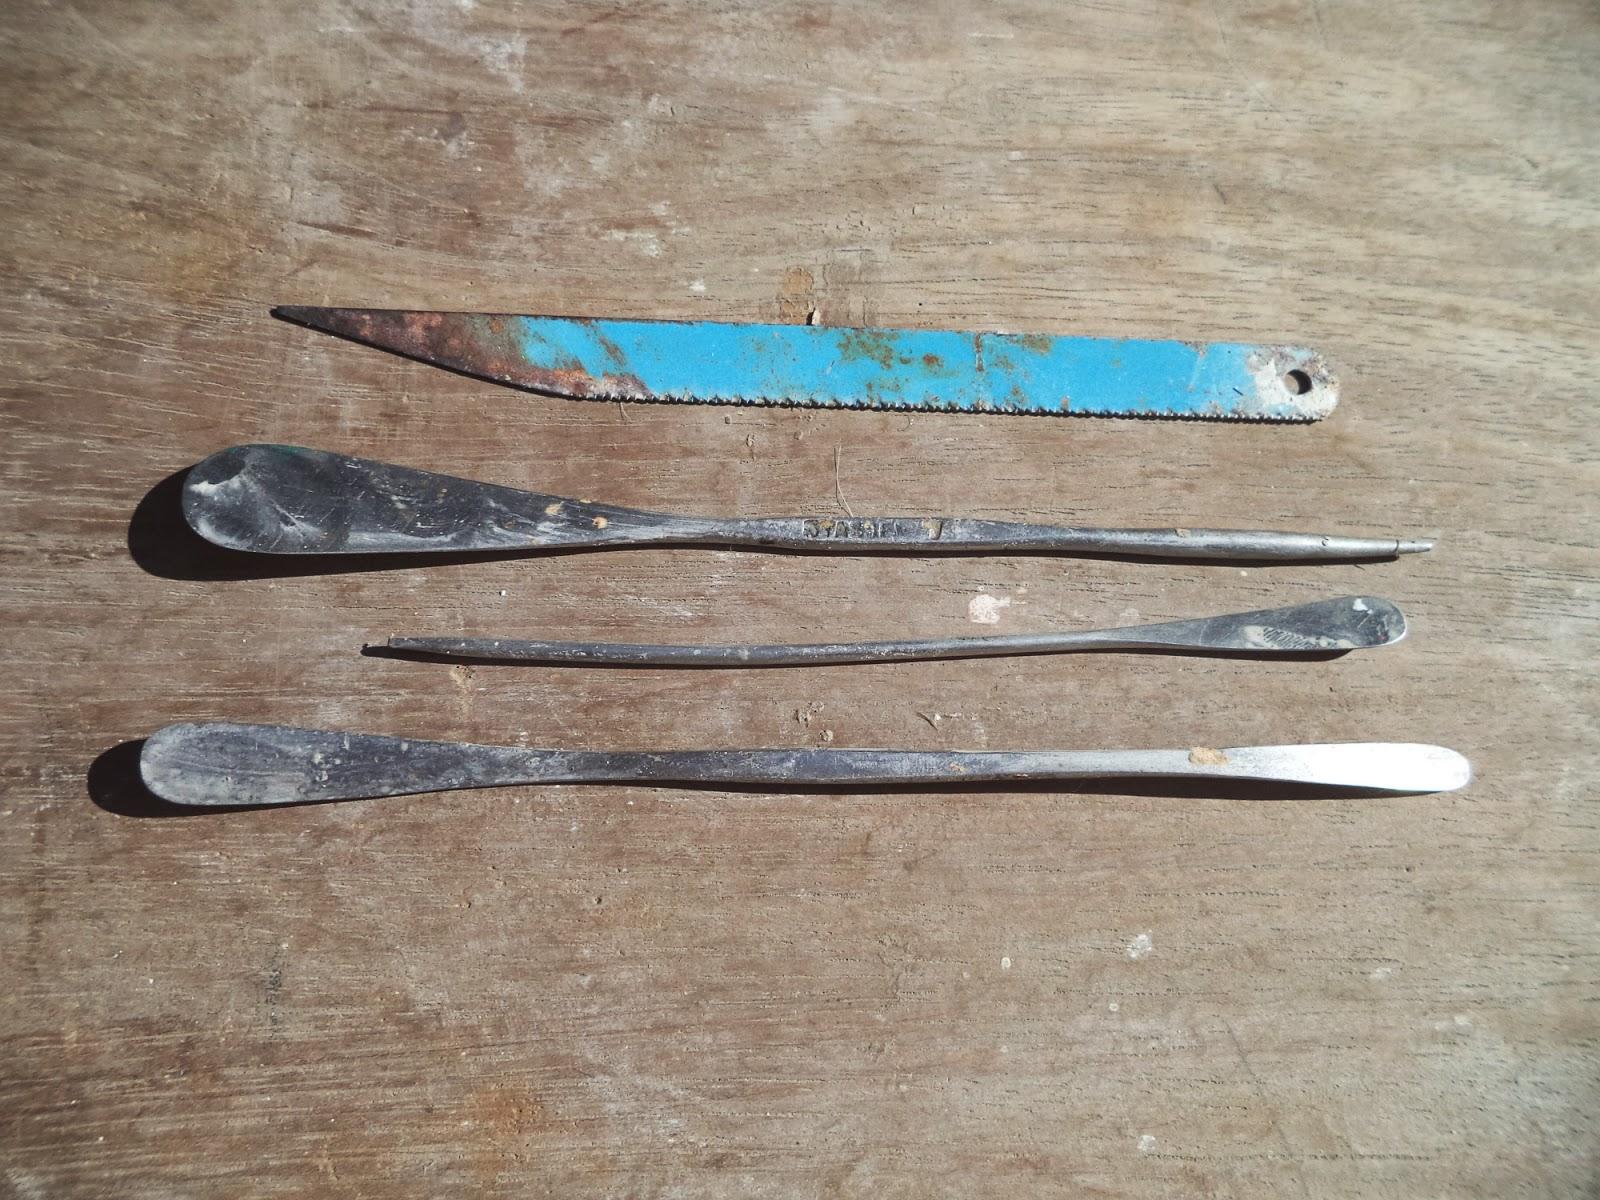 Cer mica complementaria fba la plata materiales y Herramientas artesanales